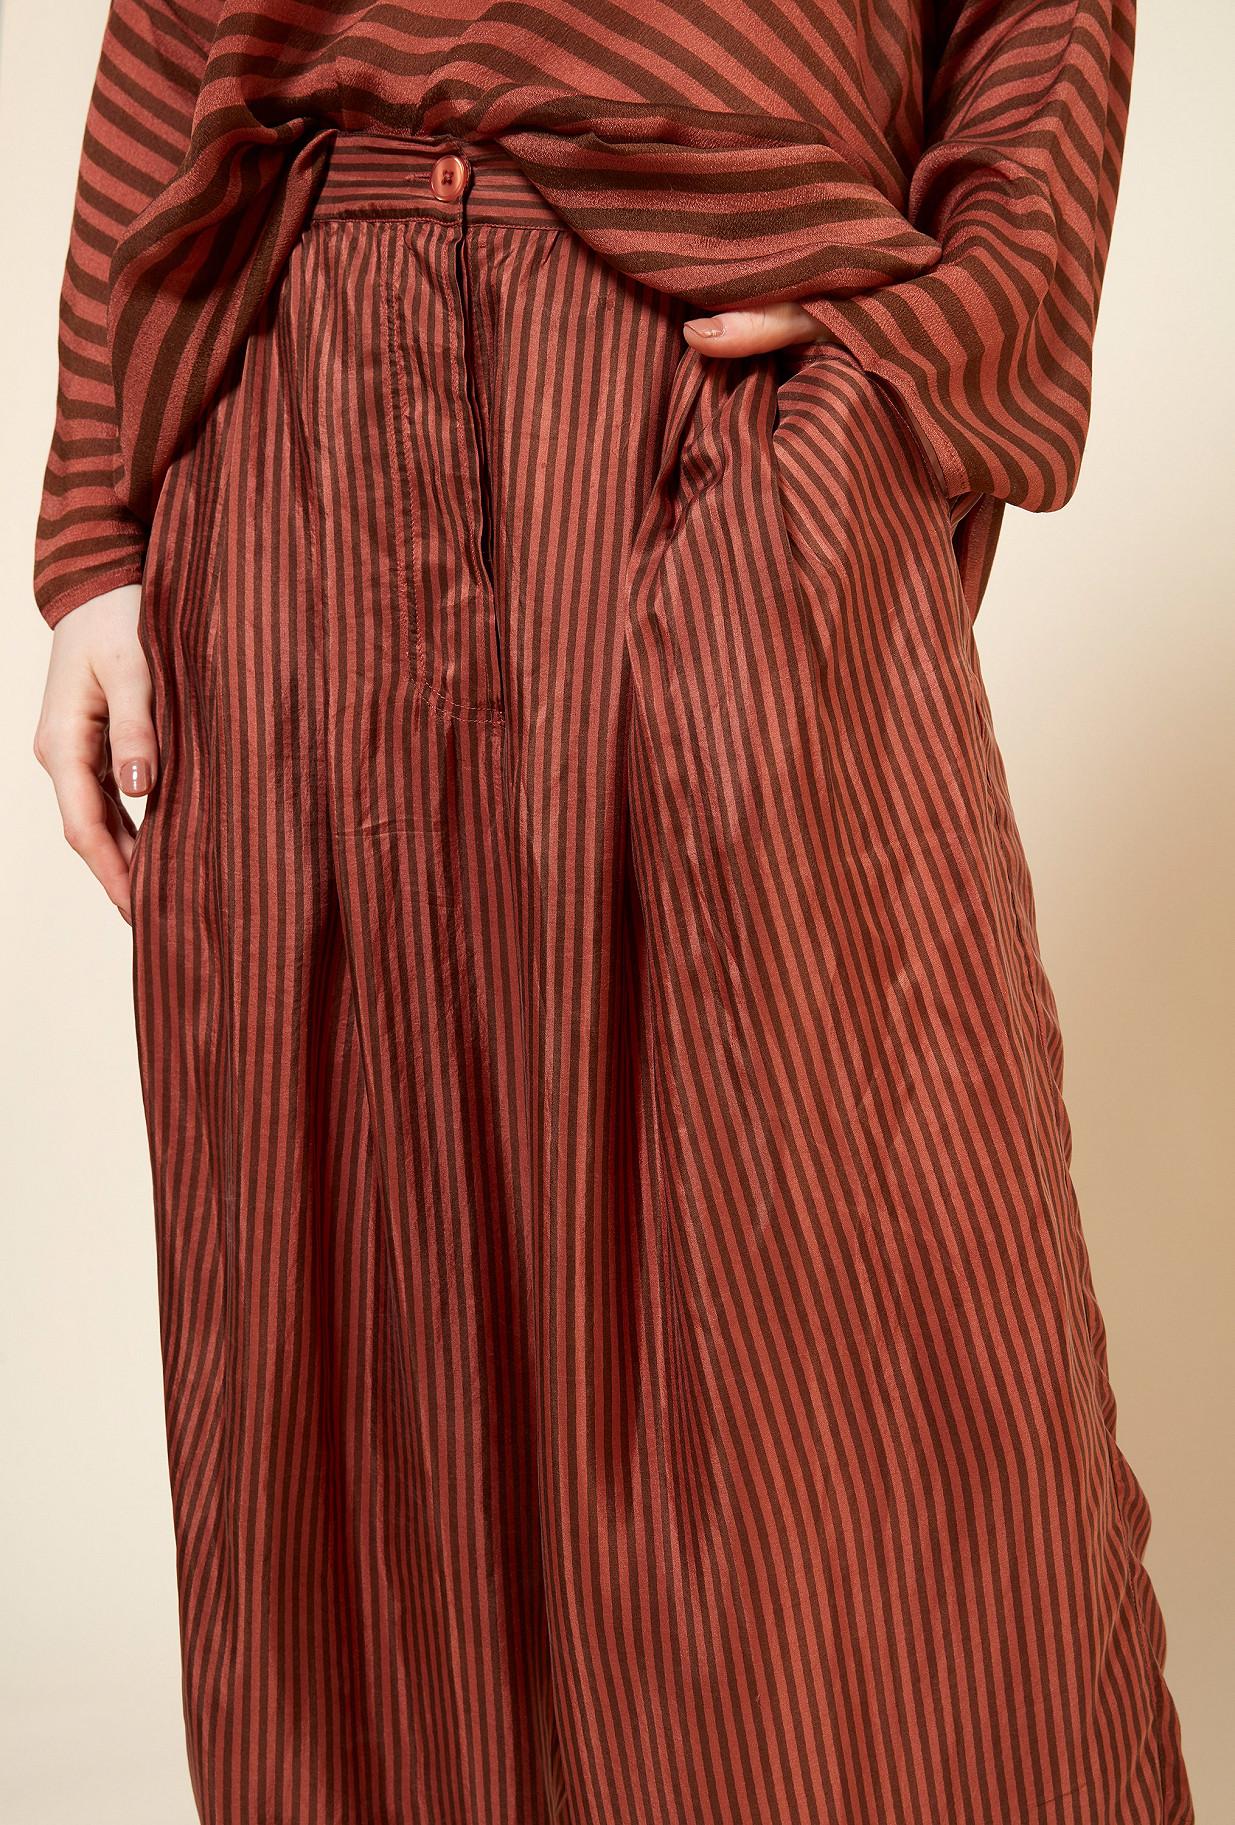 Powder stripe  PANT  Persephone Mes demoiselles fashion clothes designer Paris